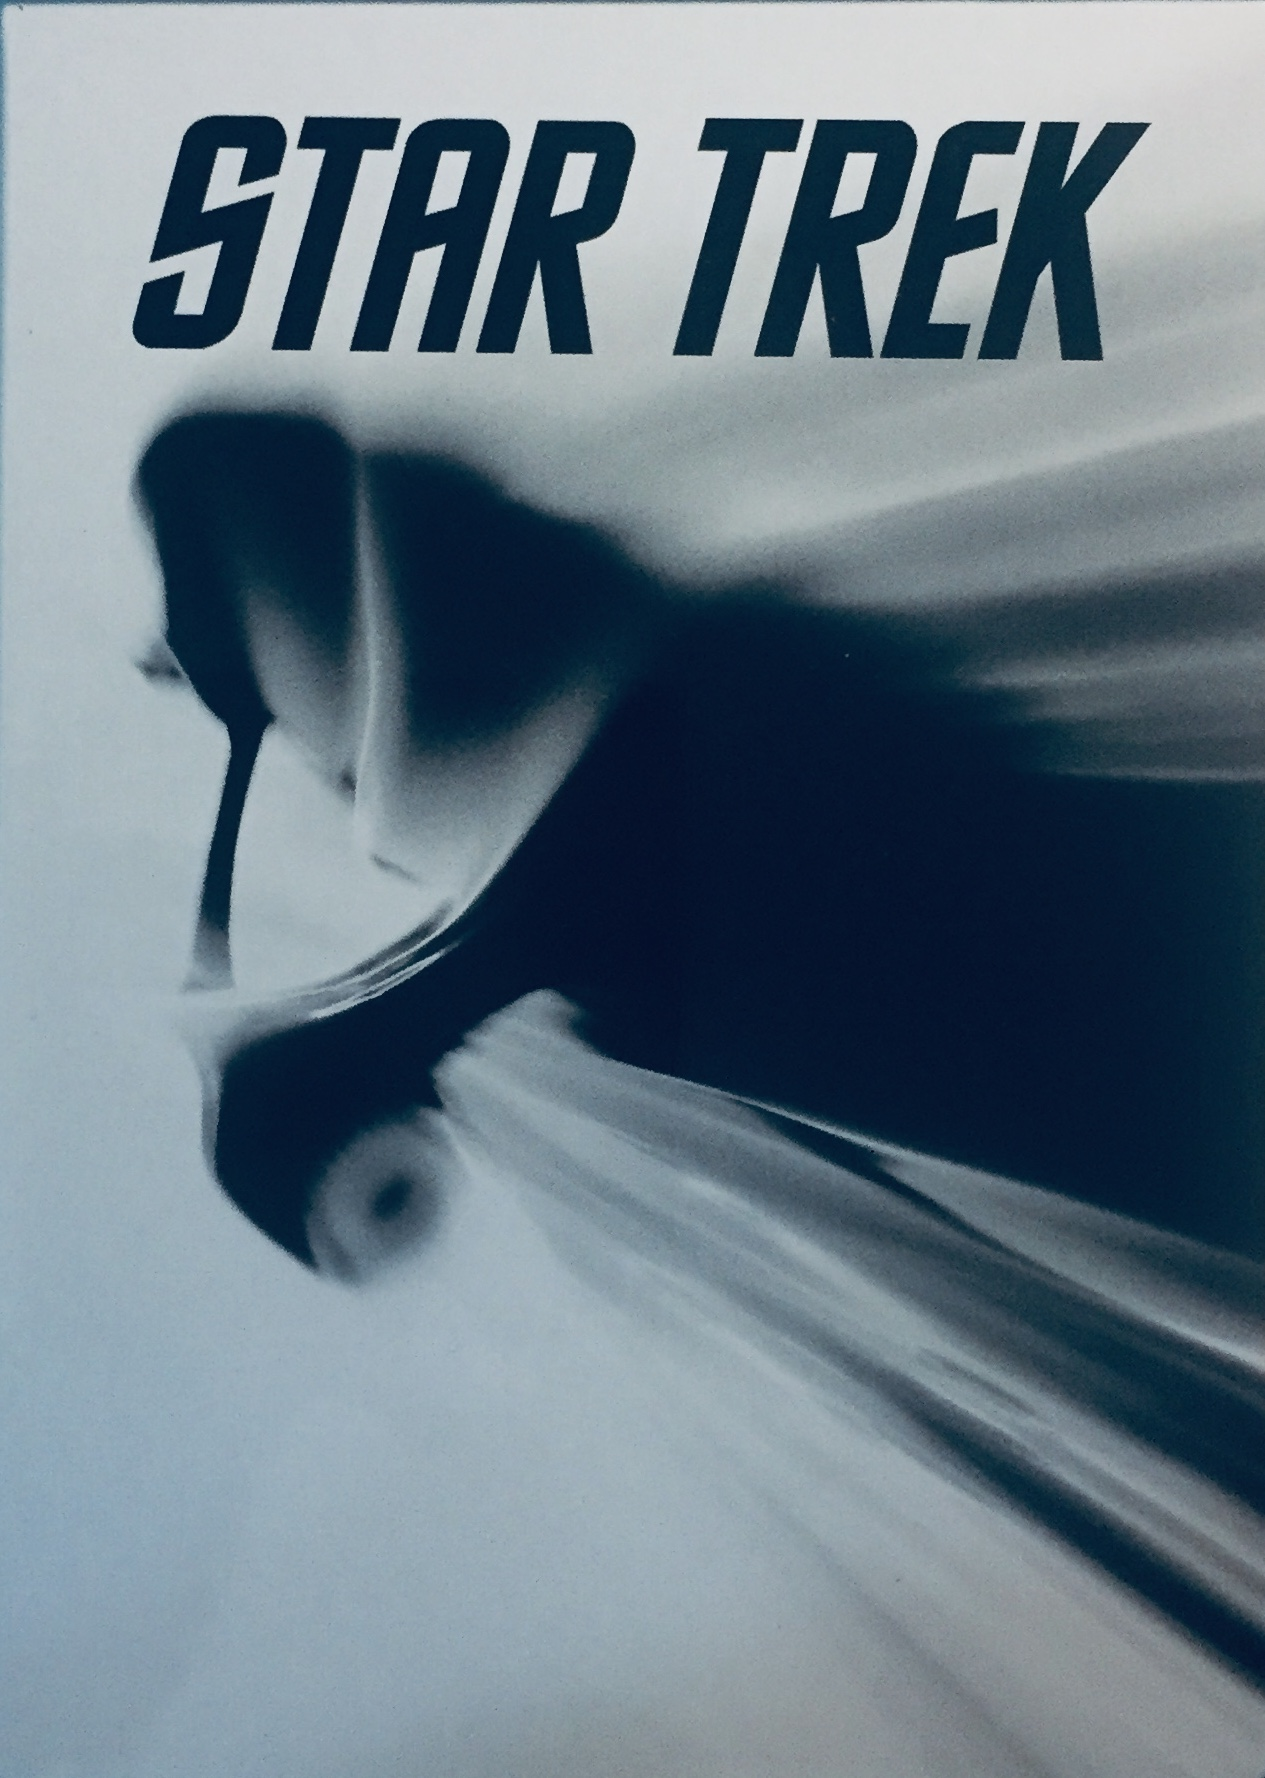 Star Trek - 2xDVD /kov/